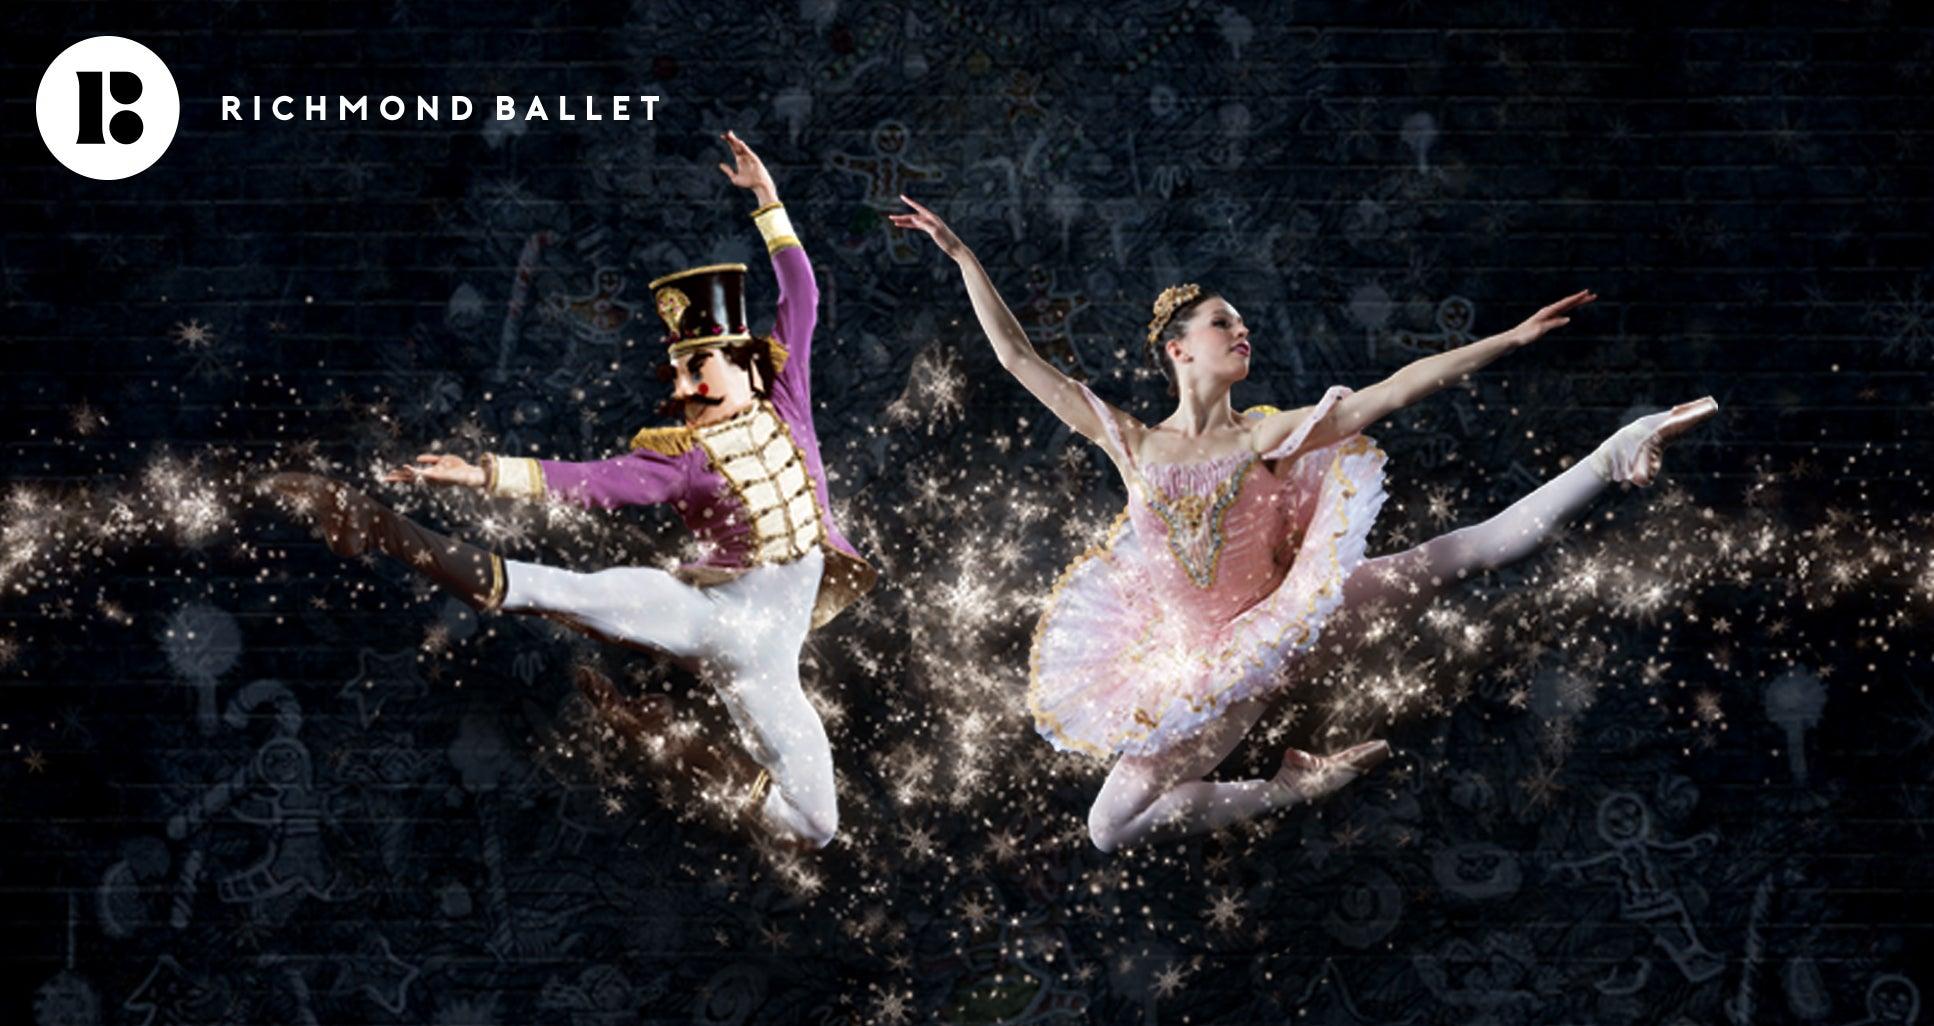 Richmond Ballet's The Nutcracker